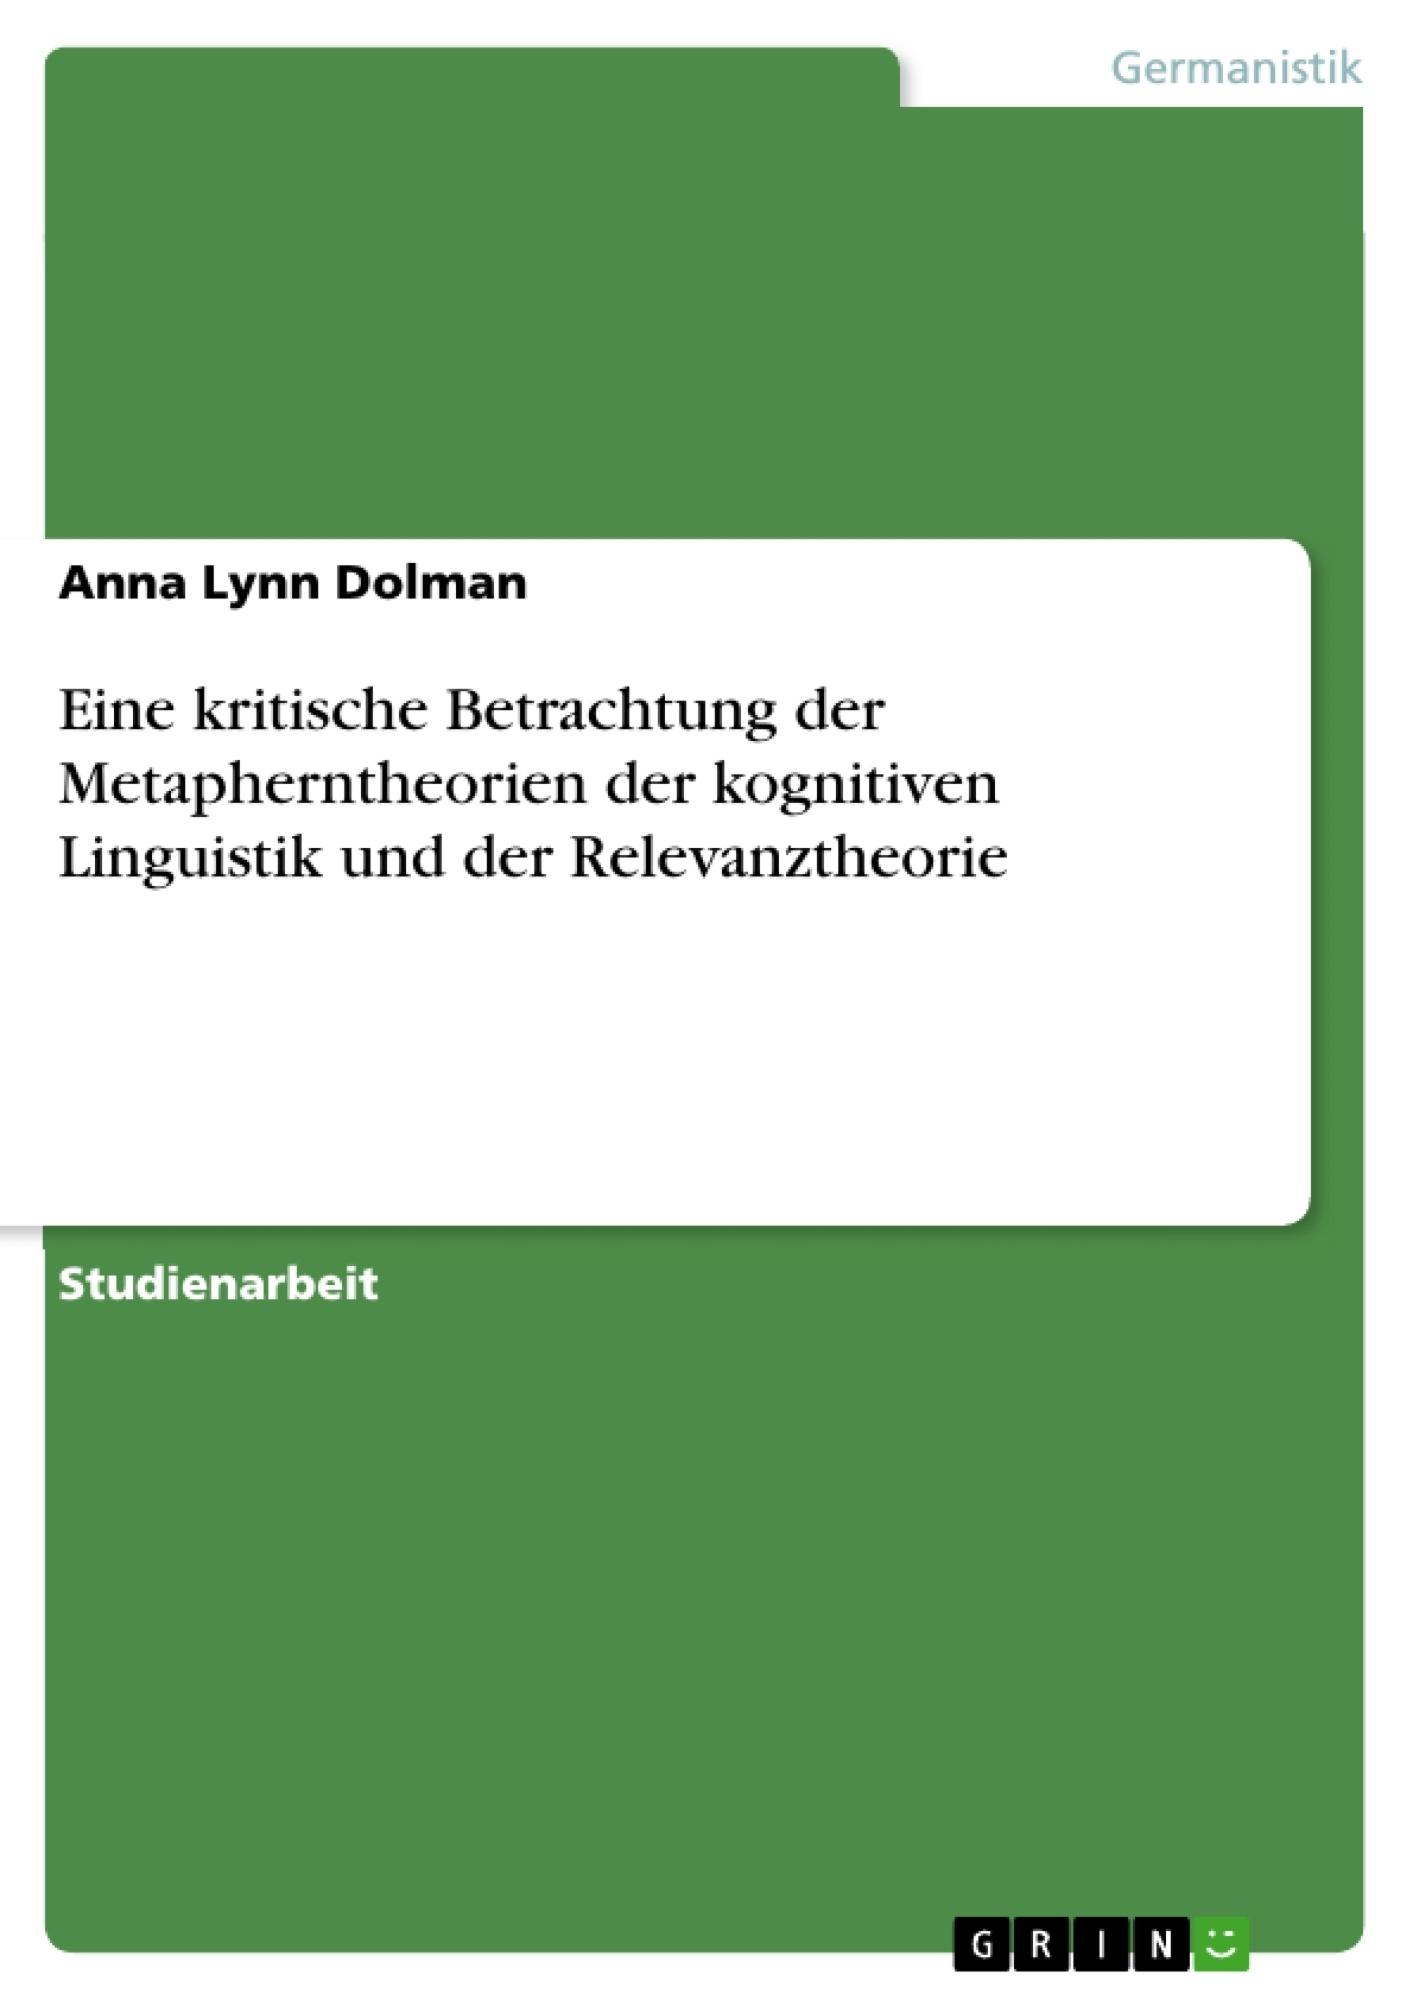 Titel: Eine kritische Betrachtung der Metapherntheorien der kognitiven Linguistik und der Relevanztheorie